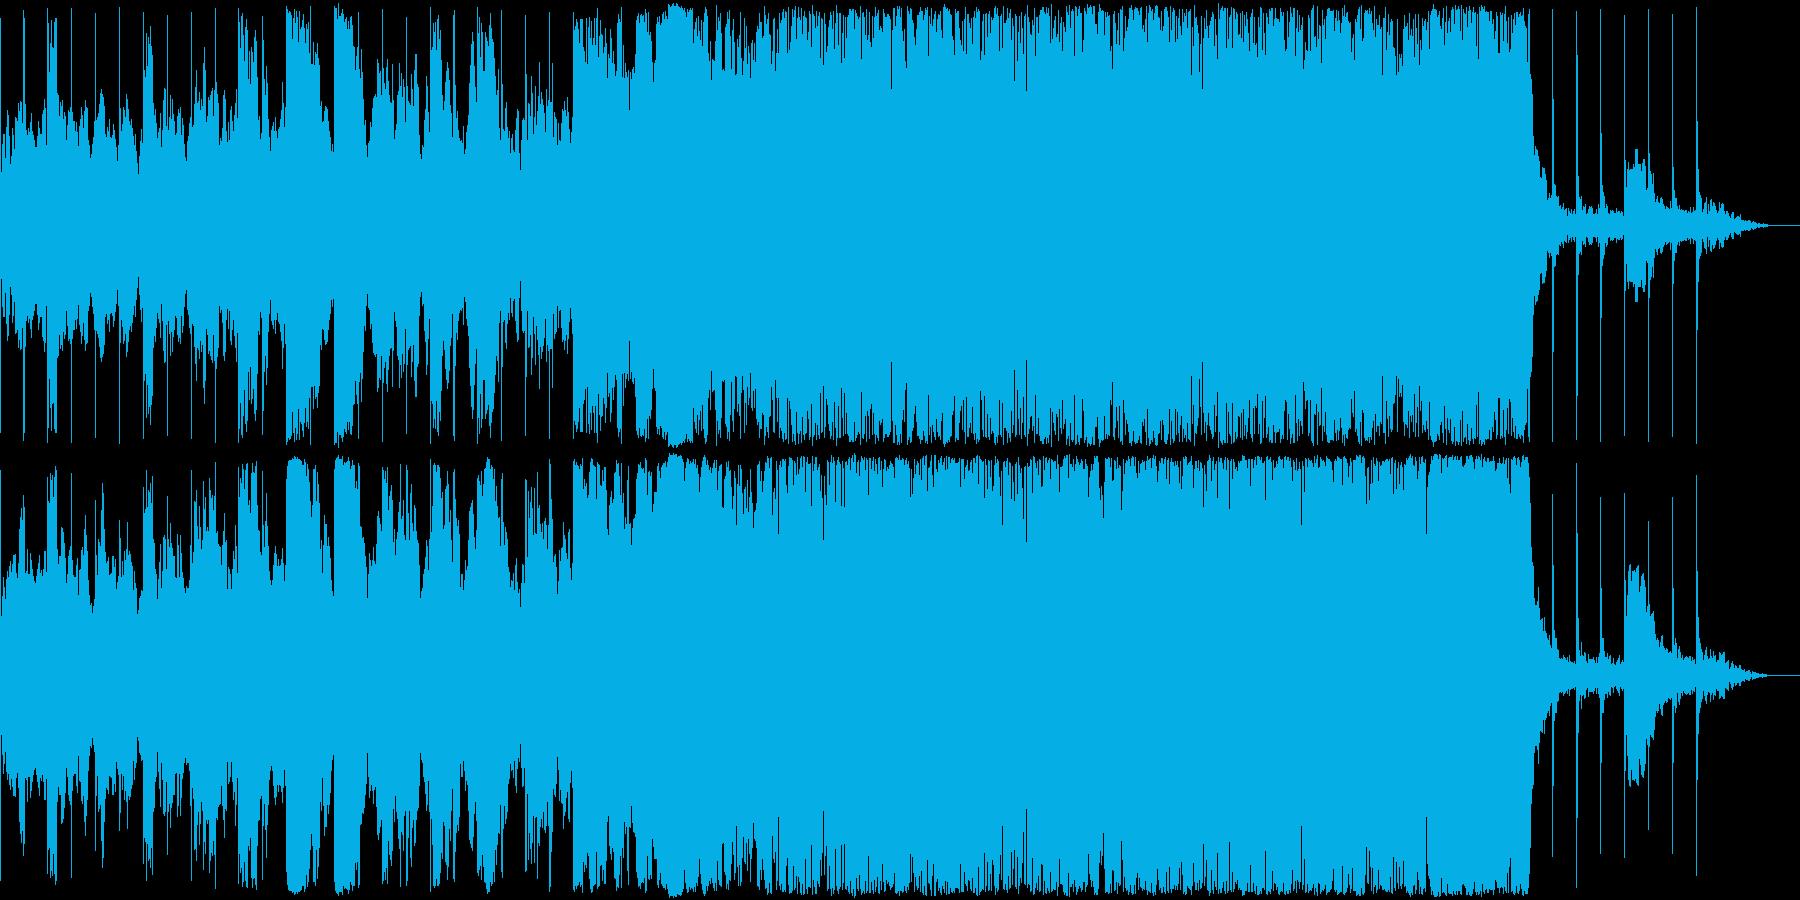 【バトル・サバイバル】緊張感のあるBGMの再生済みの波形